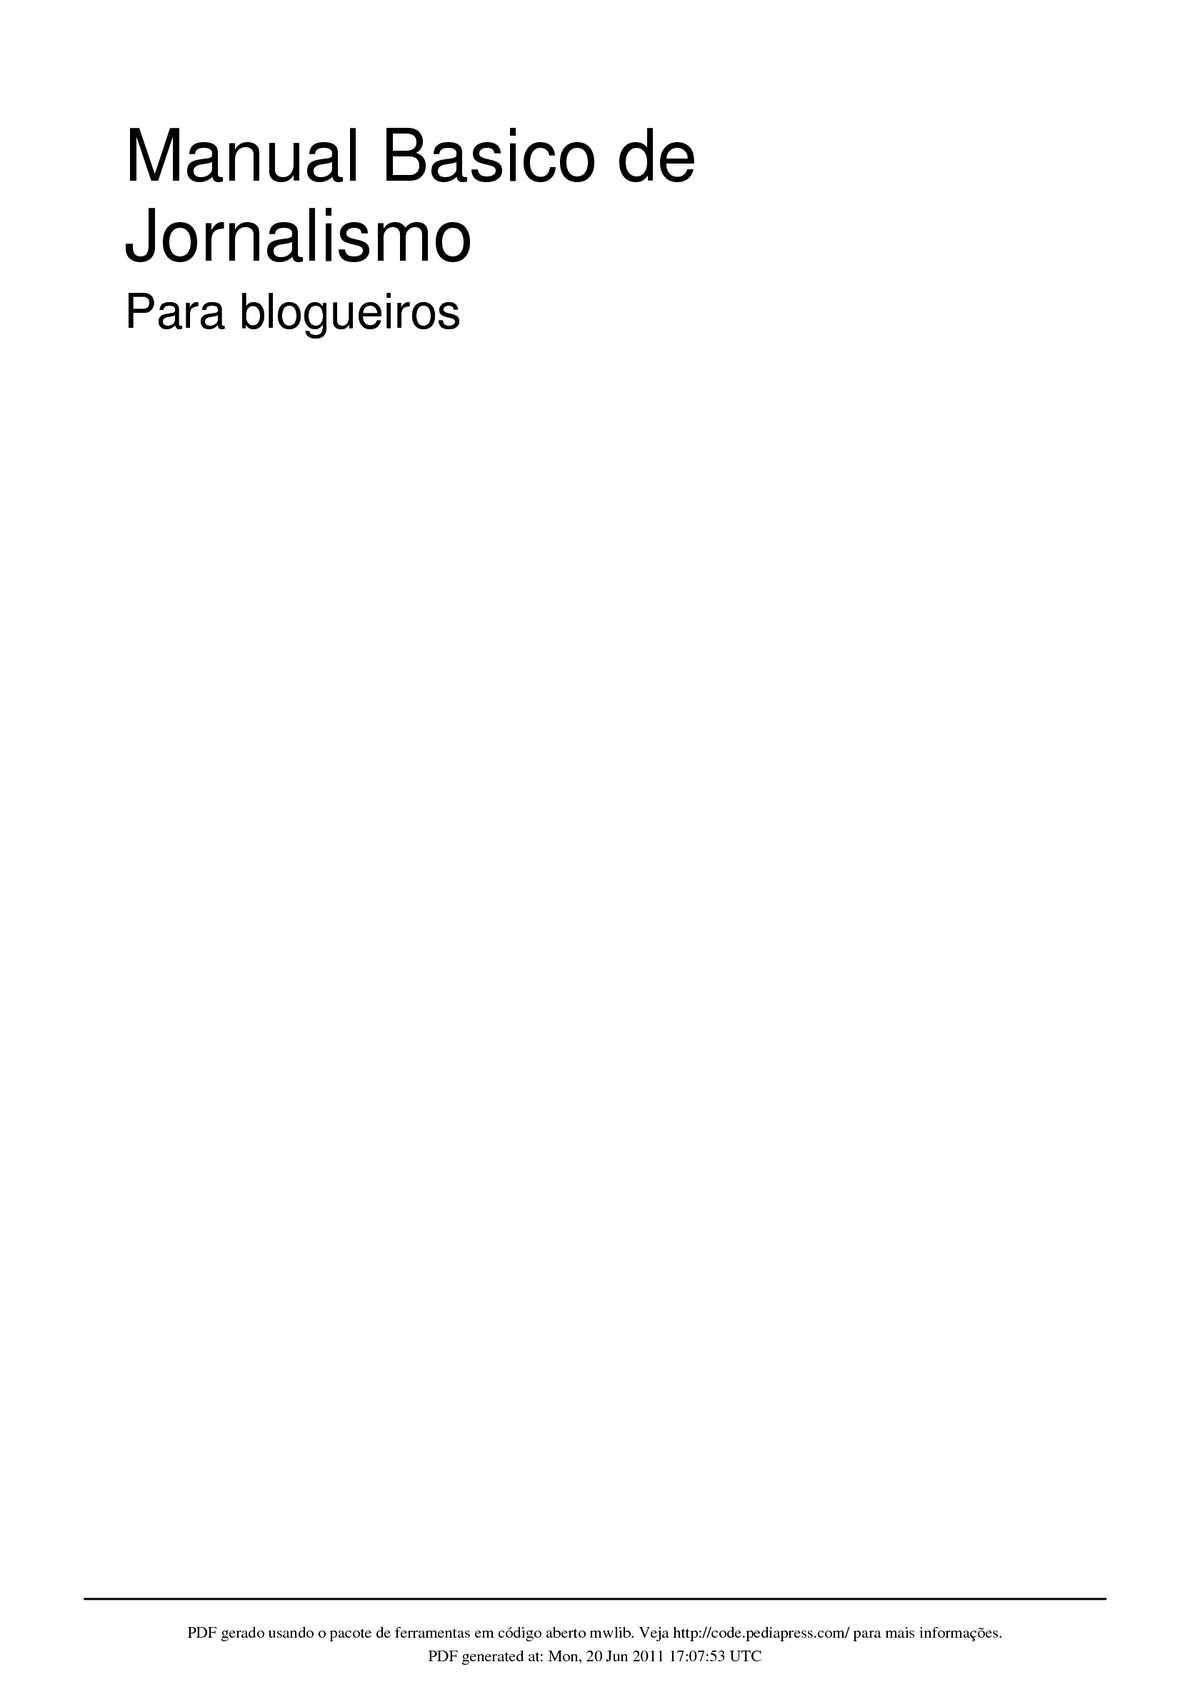 Calaméo - Manual de Jornalismo para blogueiros ac75b662a570c